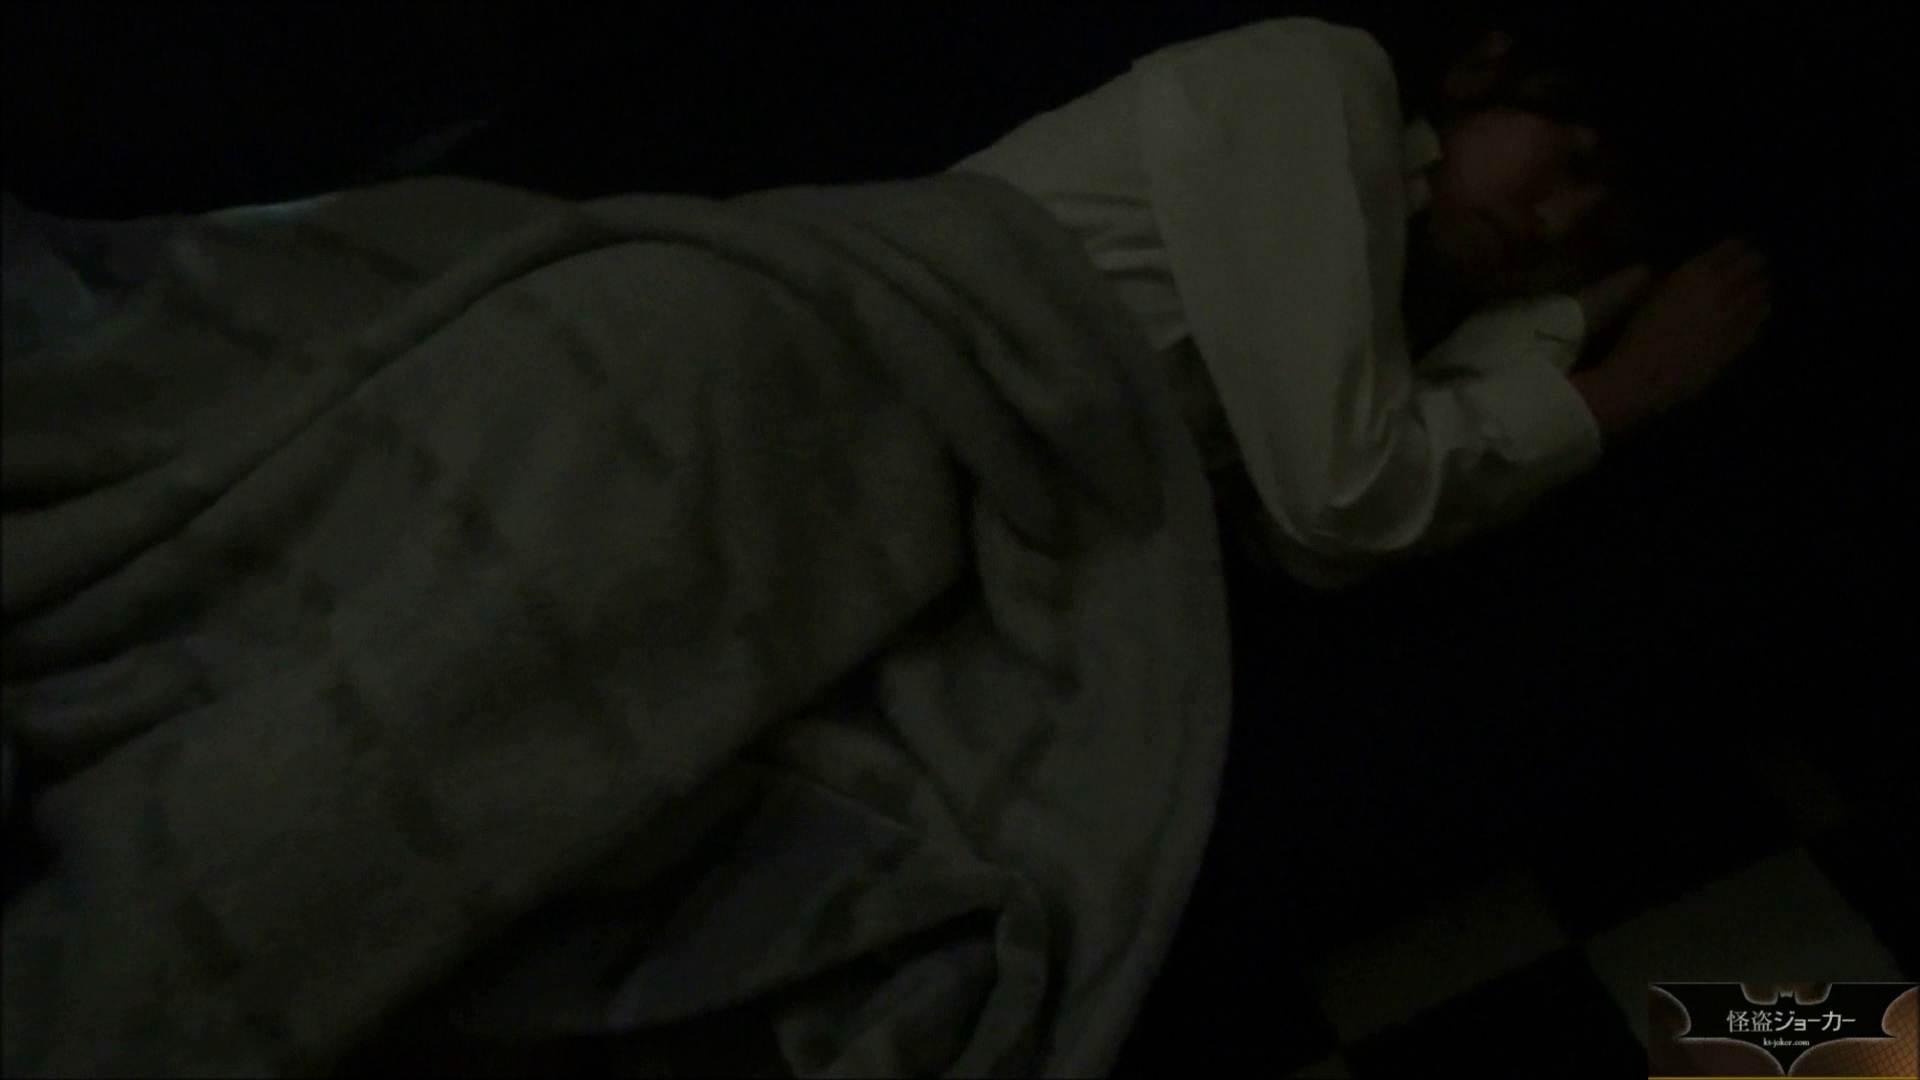 【未公開】vol.22 ●貴の部屋でおやすみなさい。 高画質   セックス  74画像 25